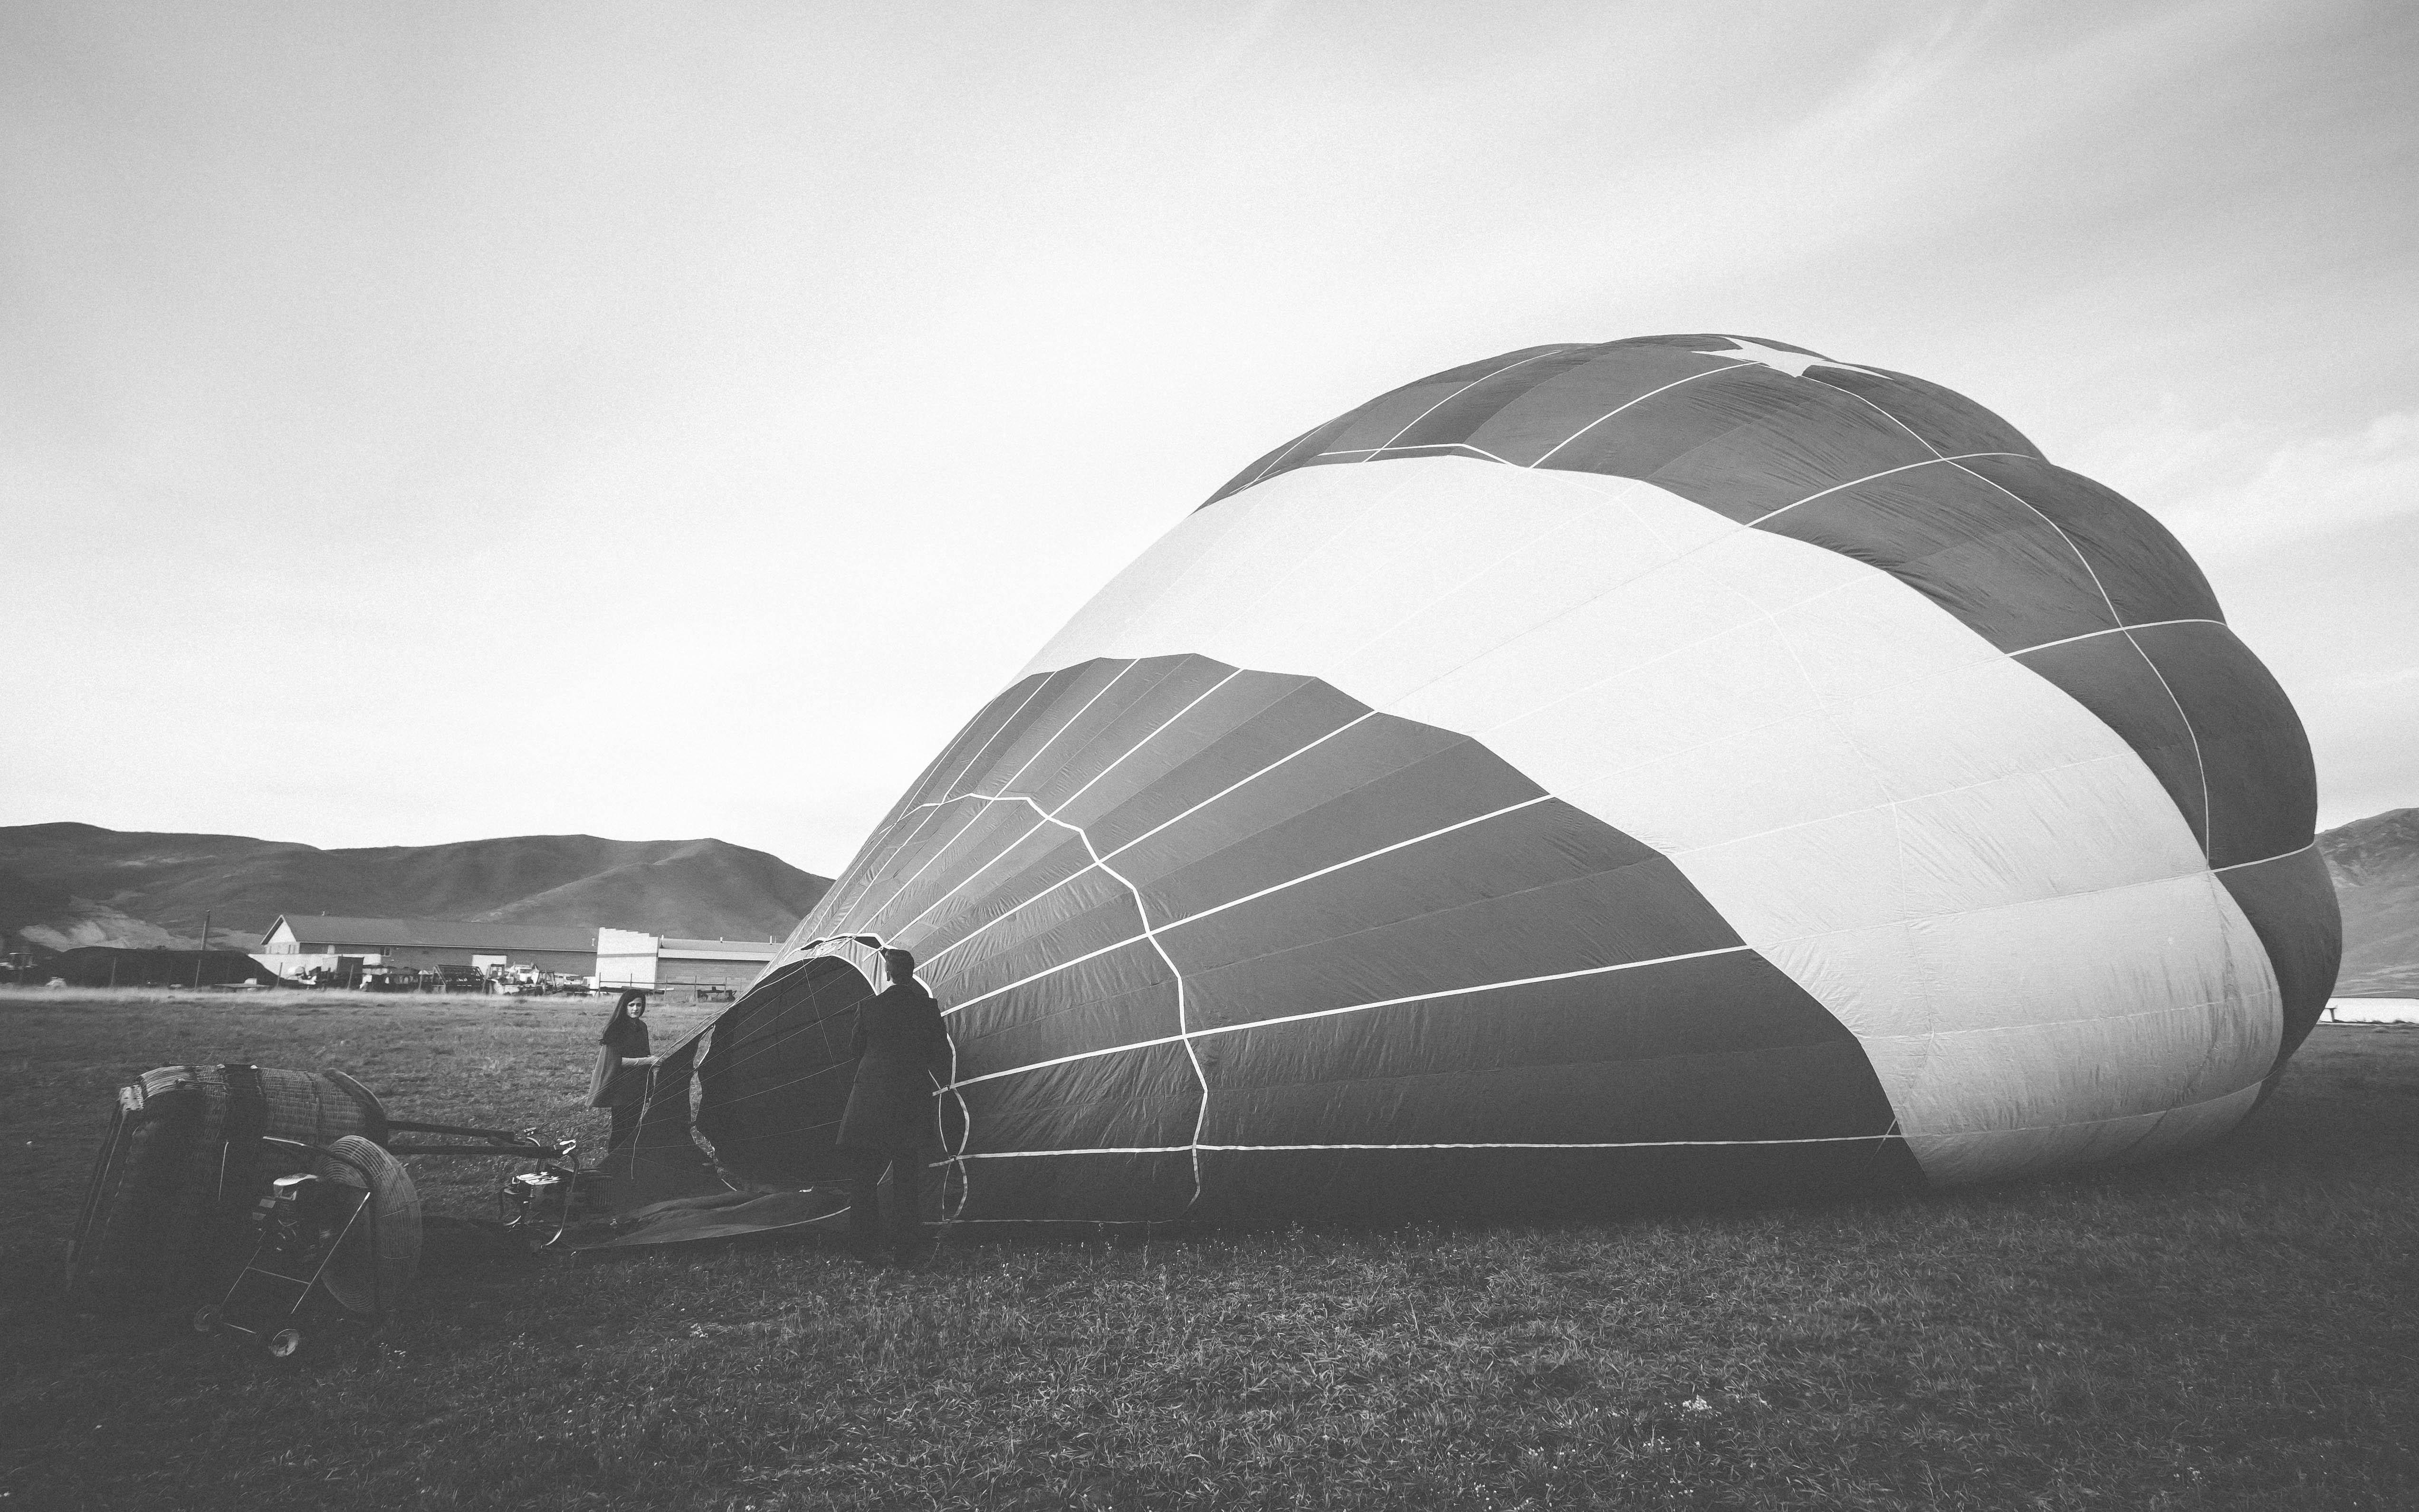 Naked hot air balloon tell